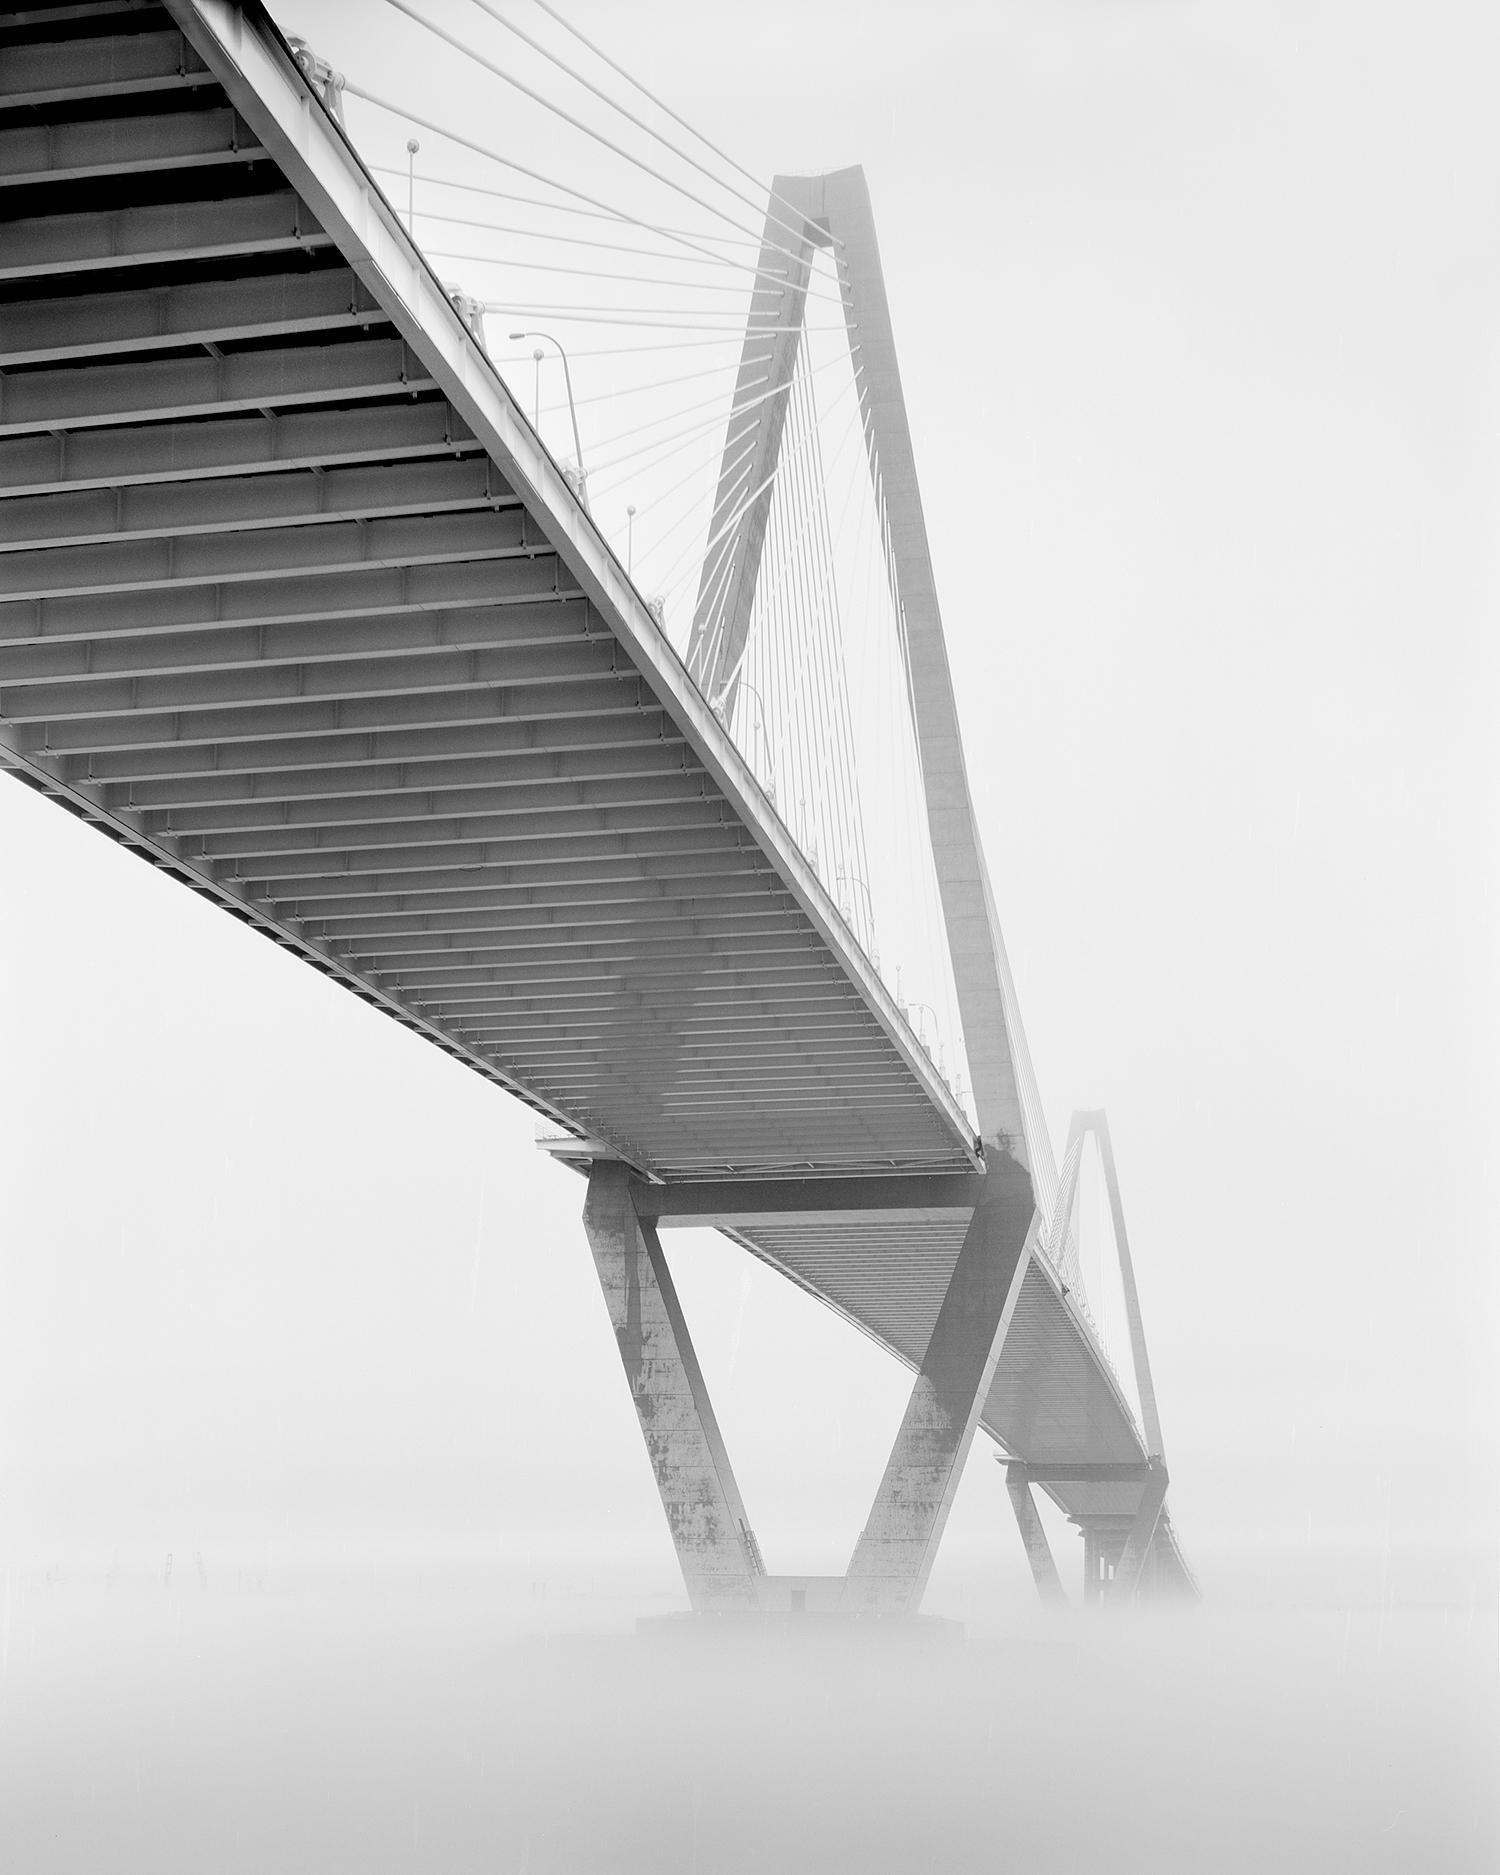 BRIDGE_7.jpg